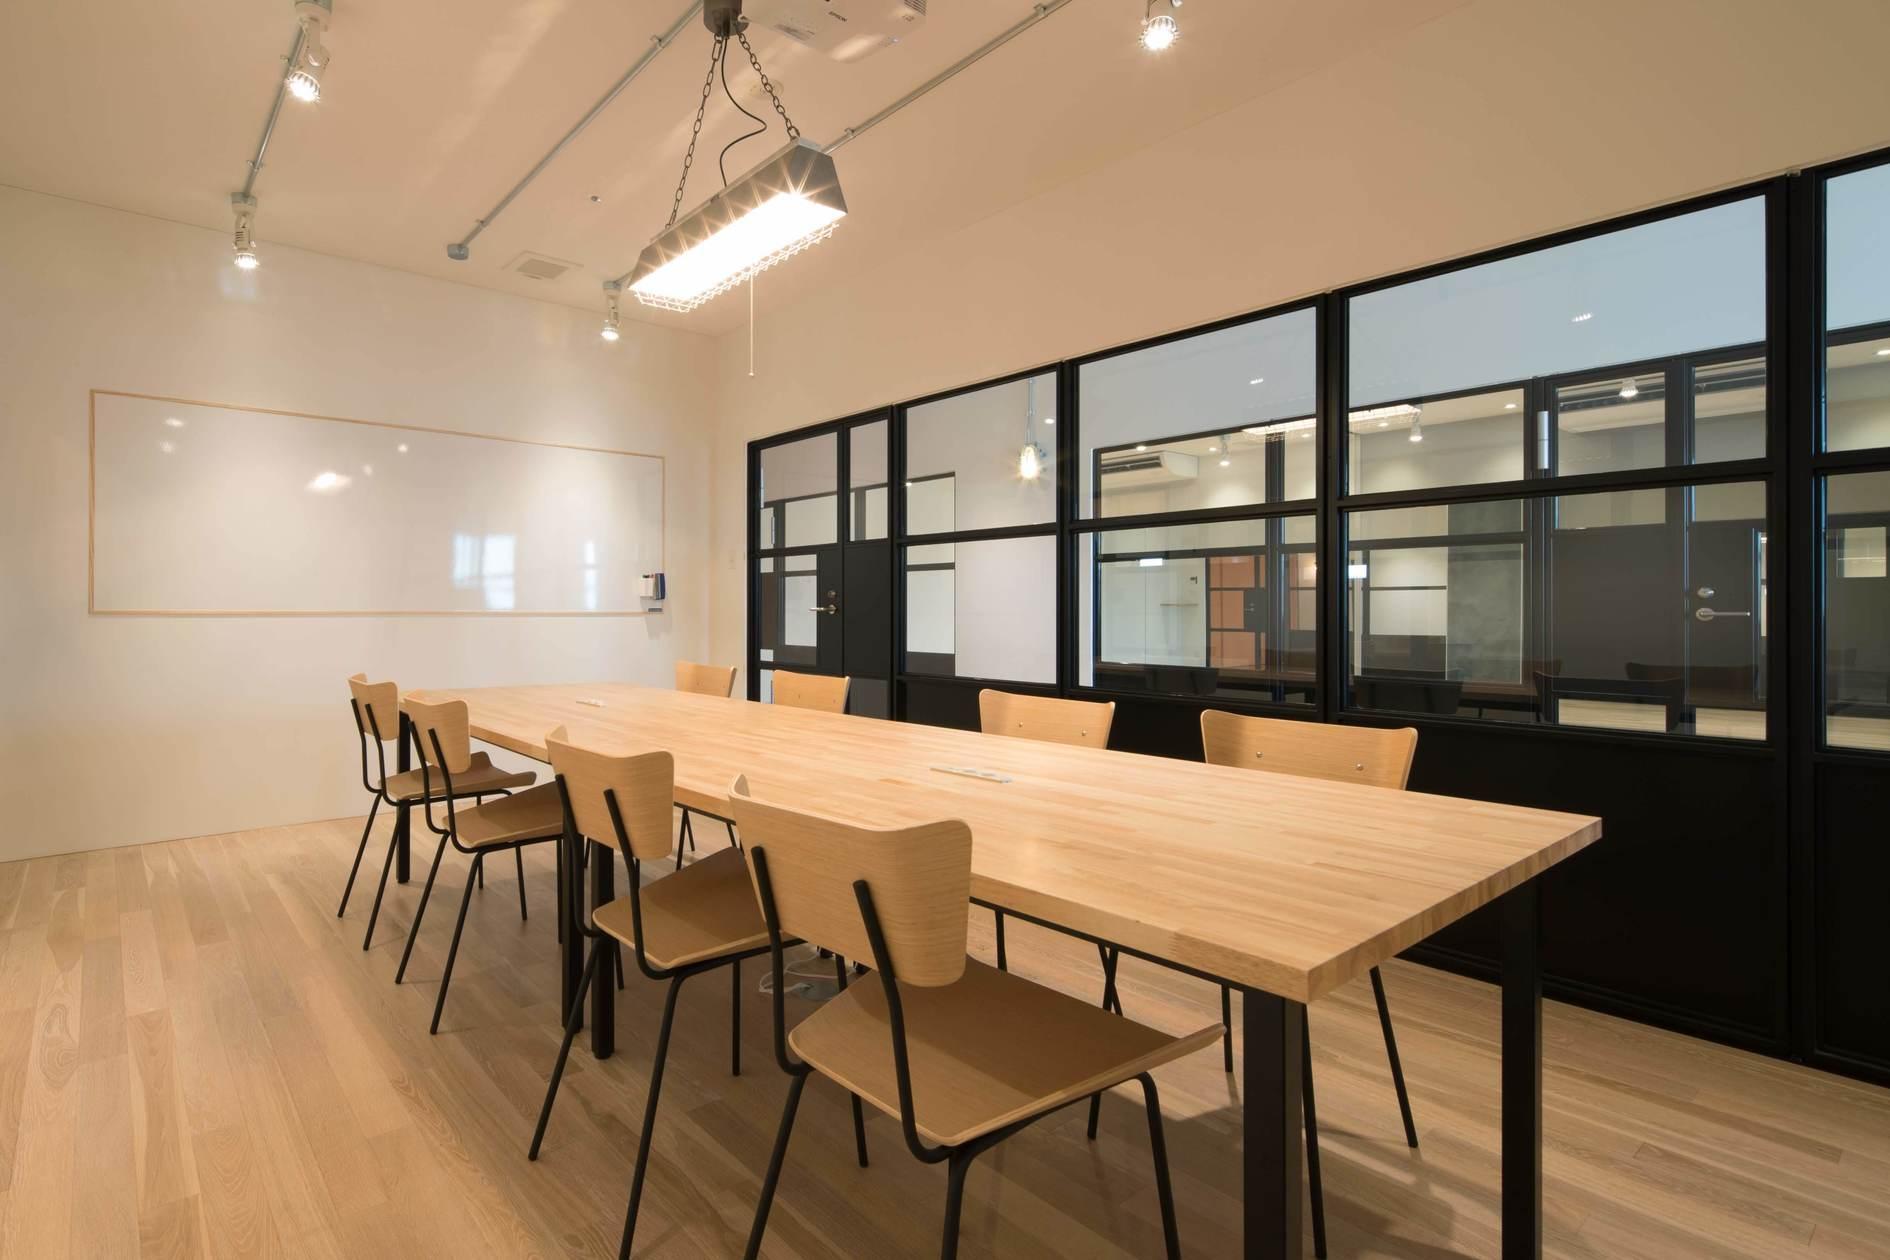 雰囲気を変えた会議、小規模セミナーに使えるオシャレな会議室。駐車場・Wi-Fi・プロジェクター・ホワイトボード無料(業務用キッチン・スタジオ・会議室を備えたコワーキングスペース!イベント・会議・ワークショップ対応可能) の写真0